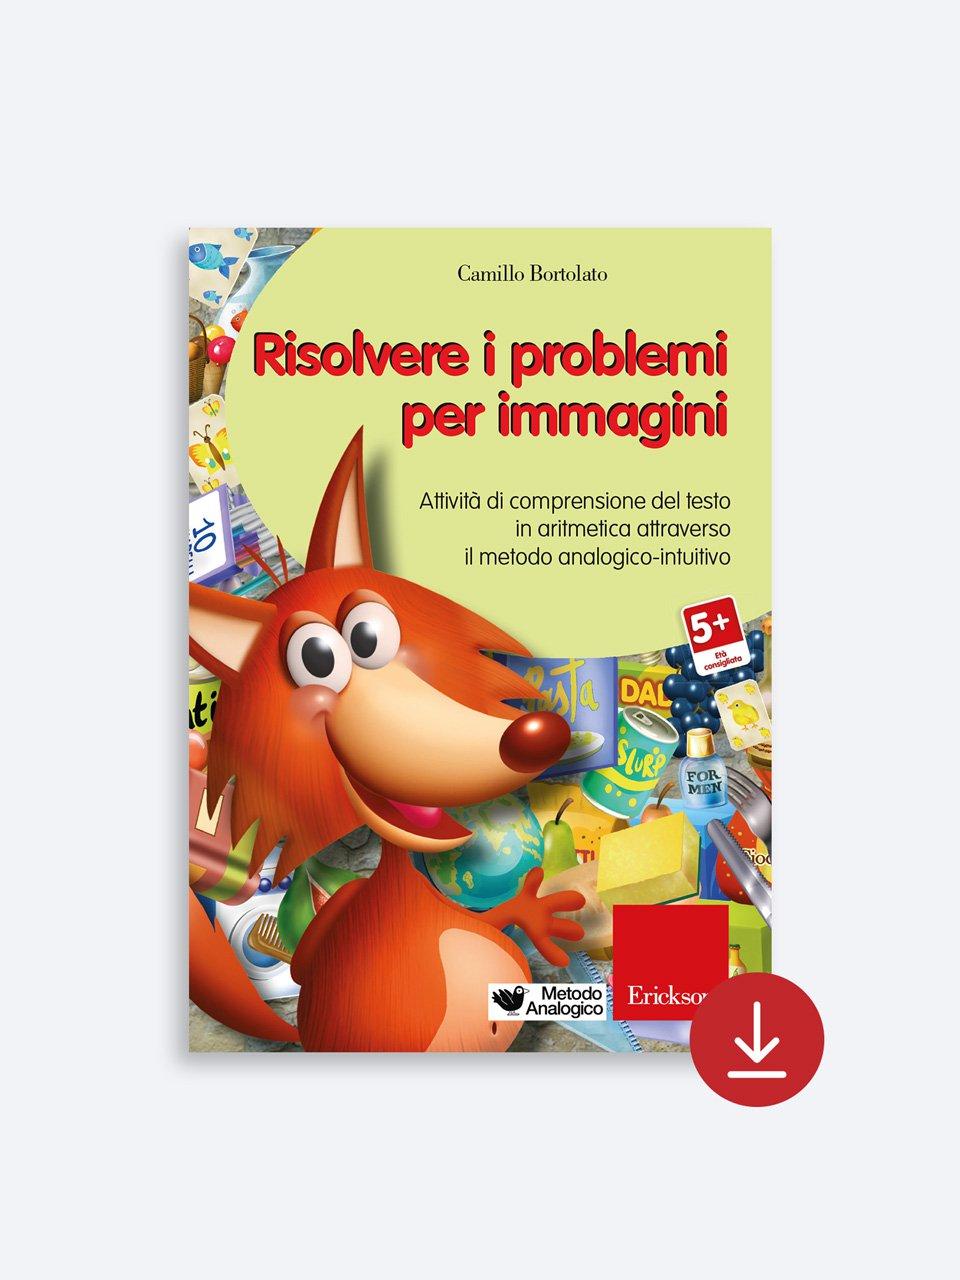 Risolvere i problemi per immagini - Libri - App e software - Erickson 2